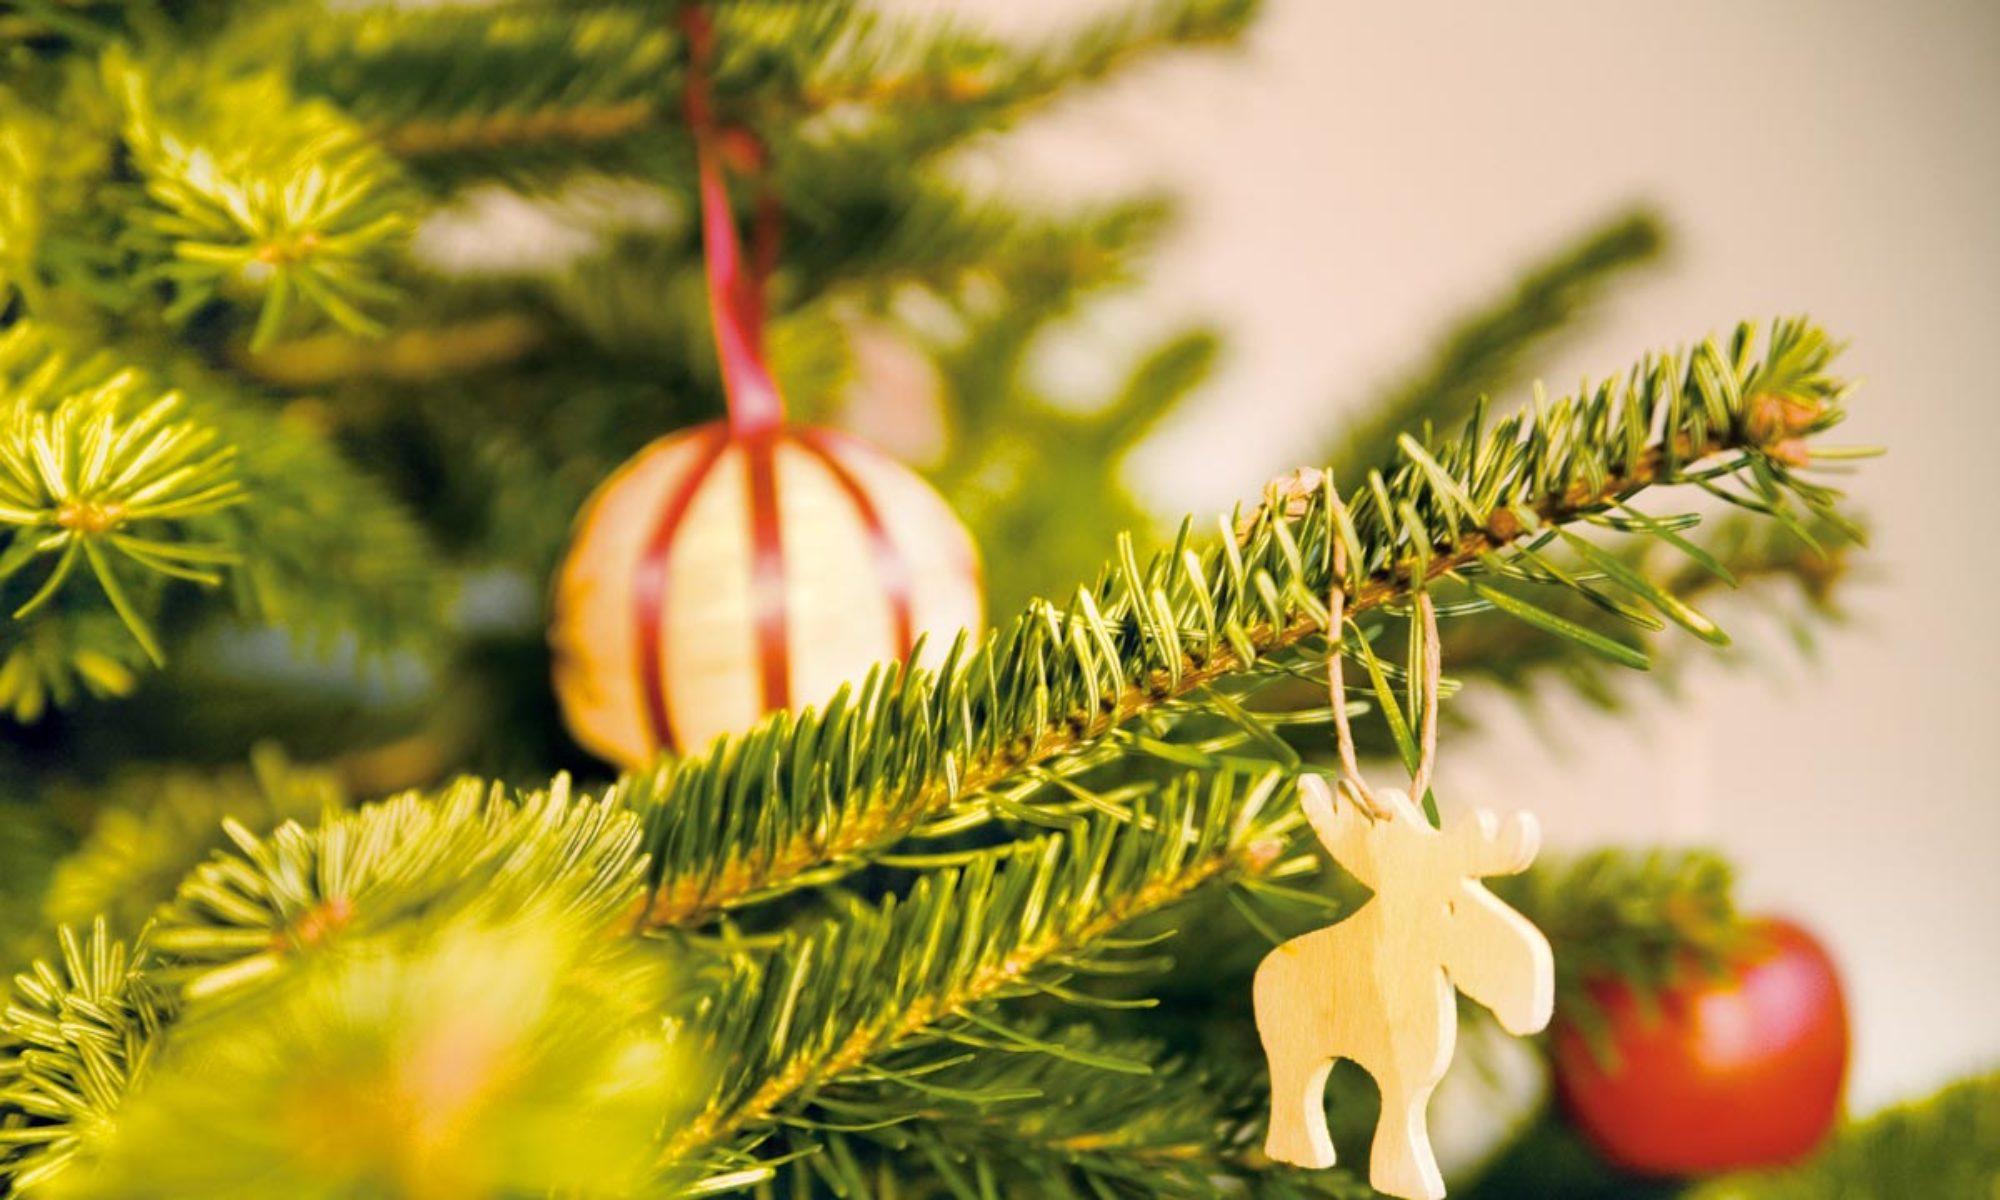 Bilder Schöne Weihnachten.Schöne Weihnachten Presse Portal